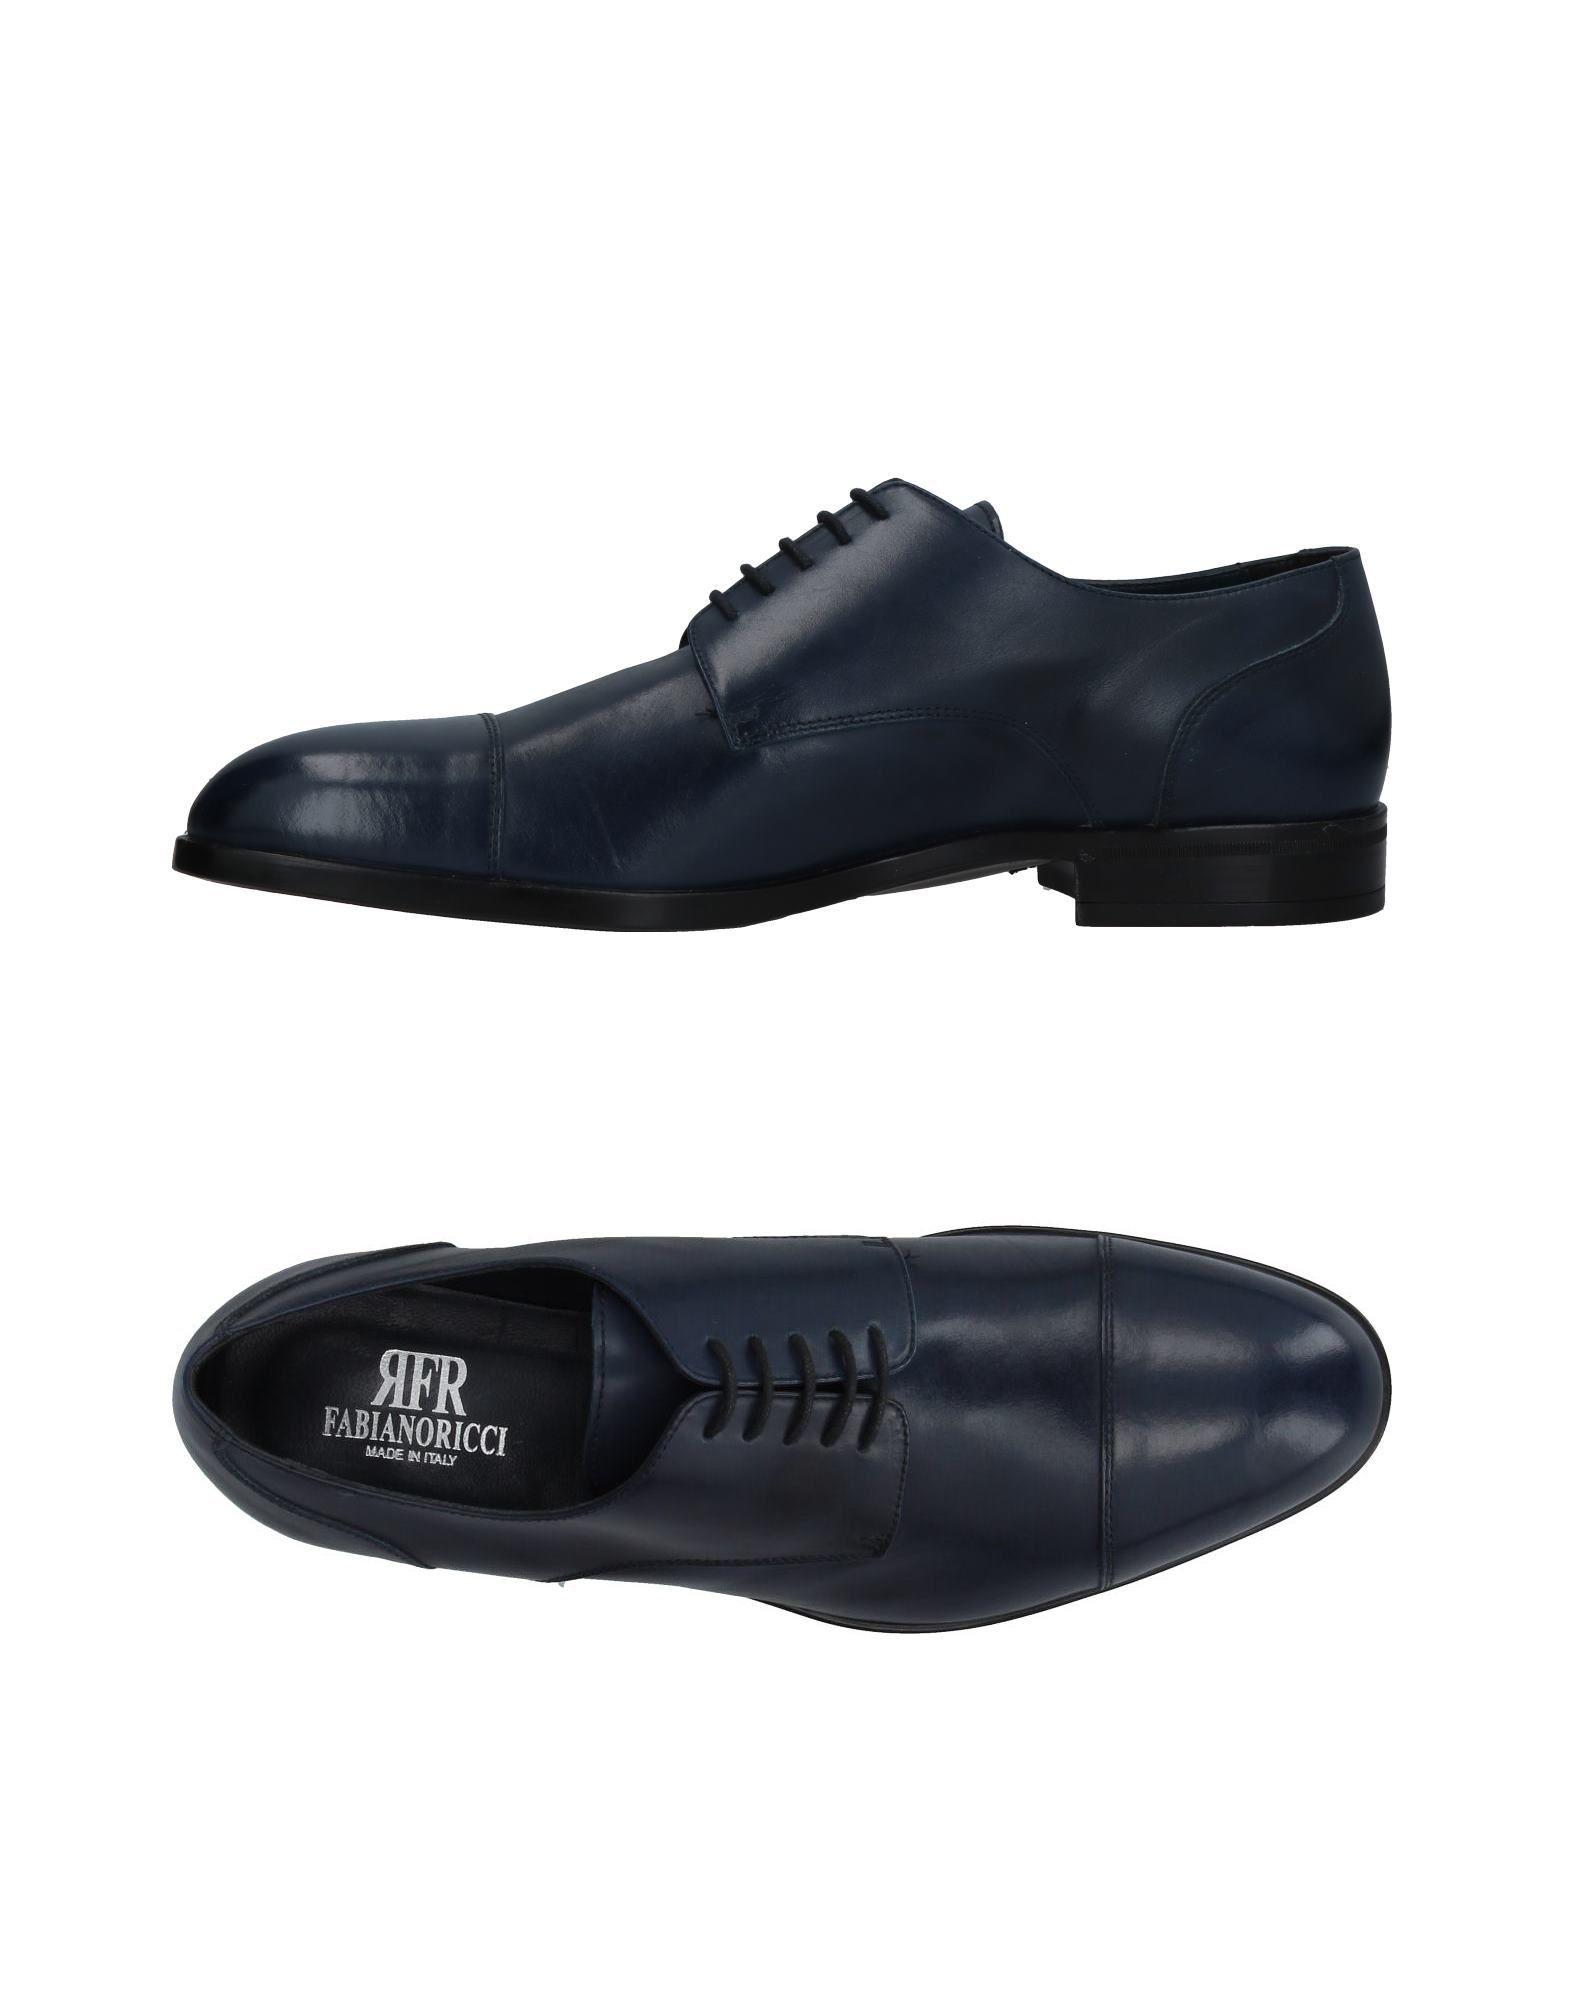 Rabatt echte Schuhe Fabiano Ricci Schnürschuhe Herren  11374904QX